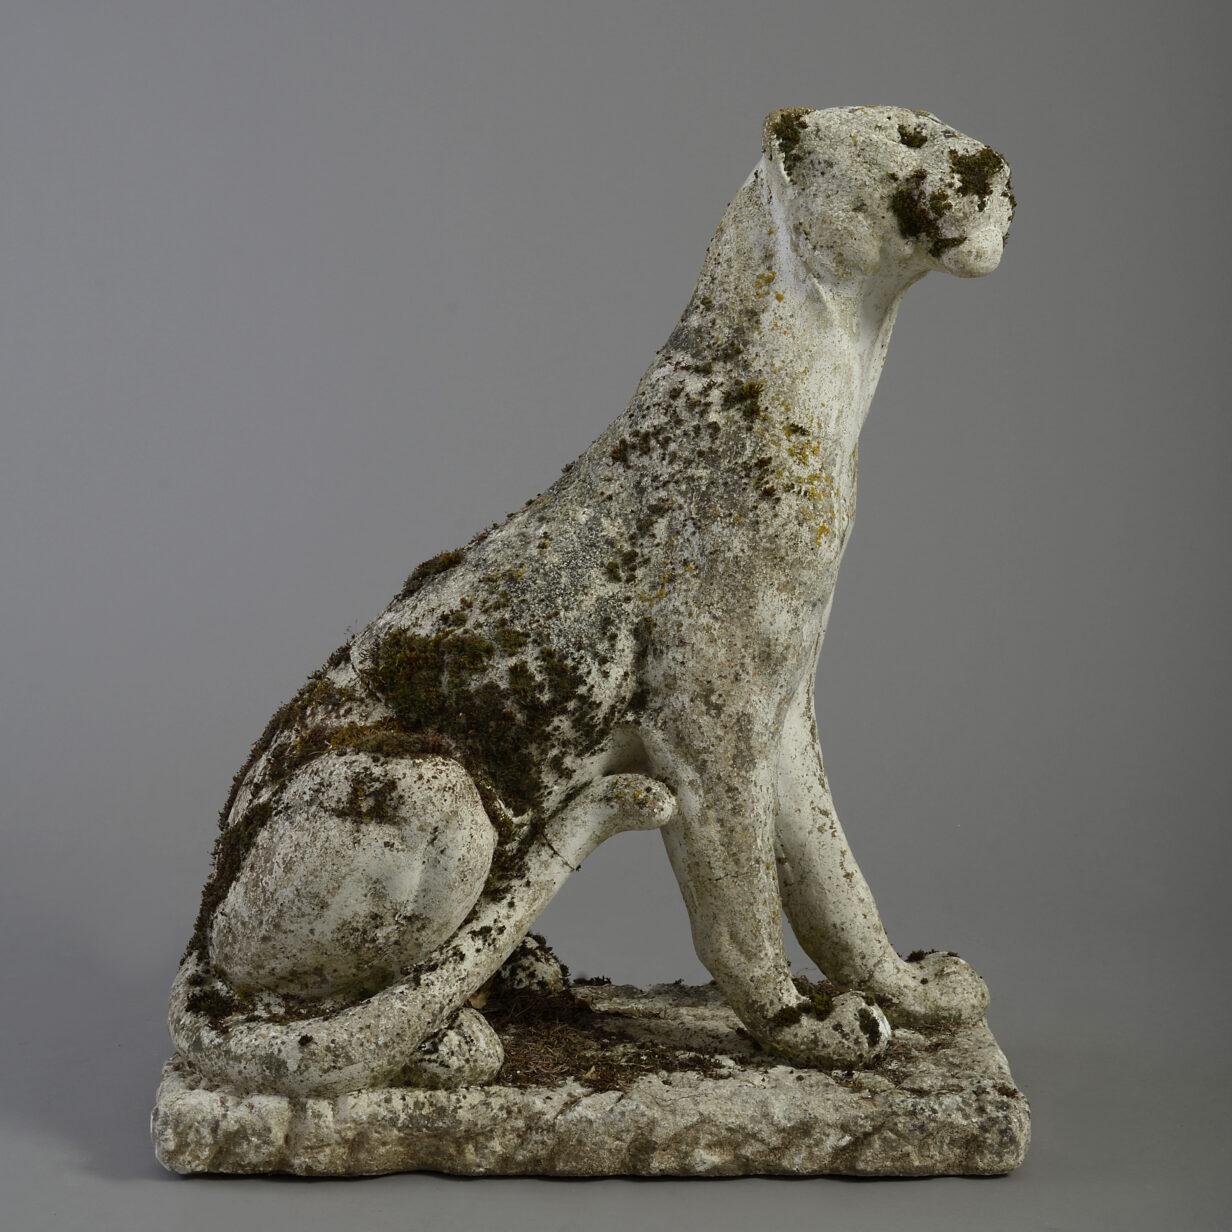 Stone Puma Garden Ornament